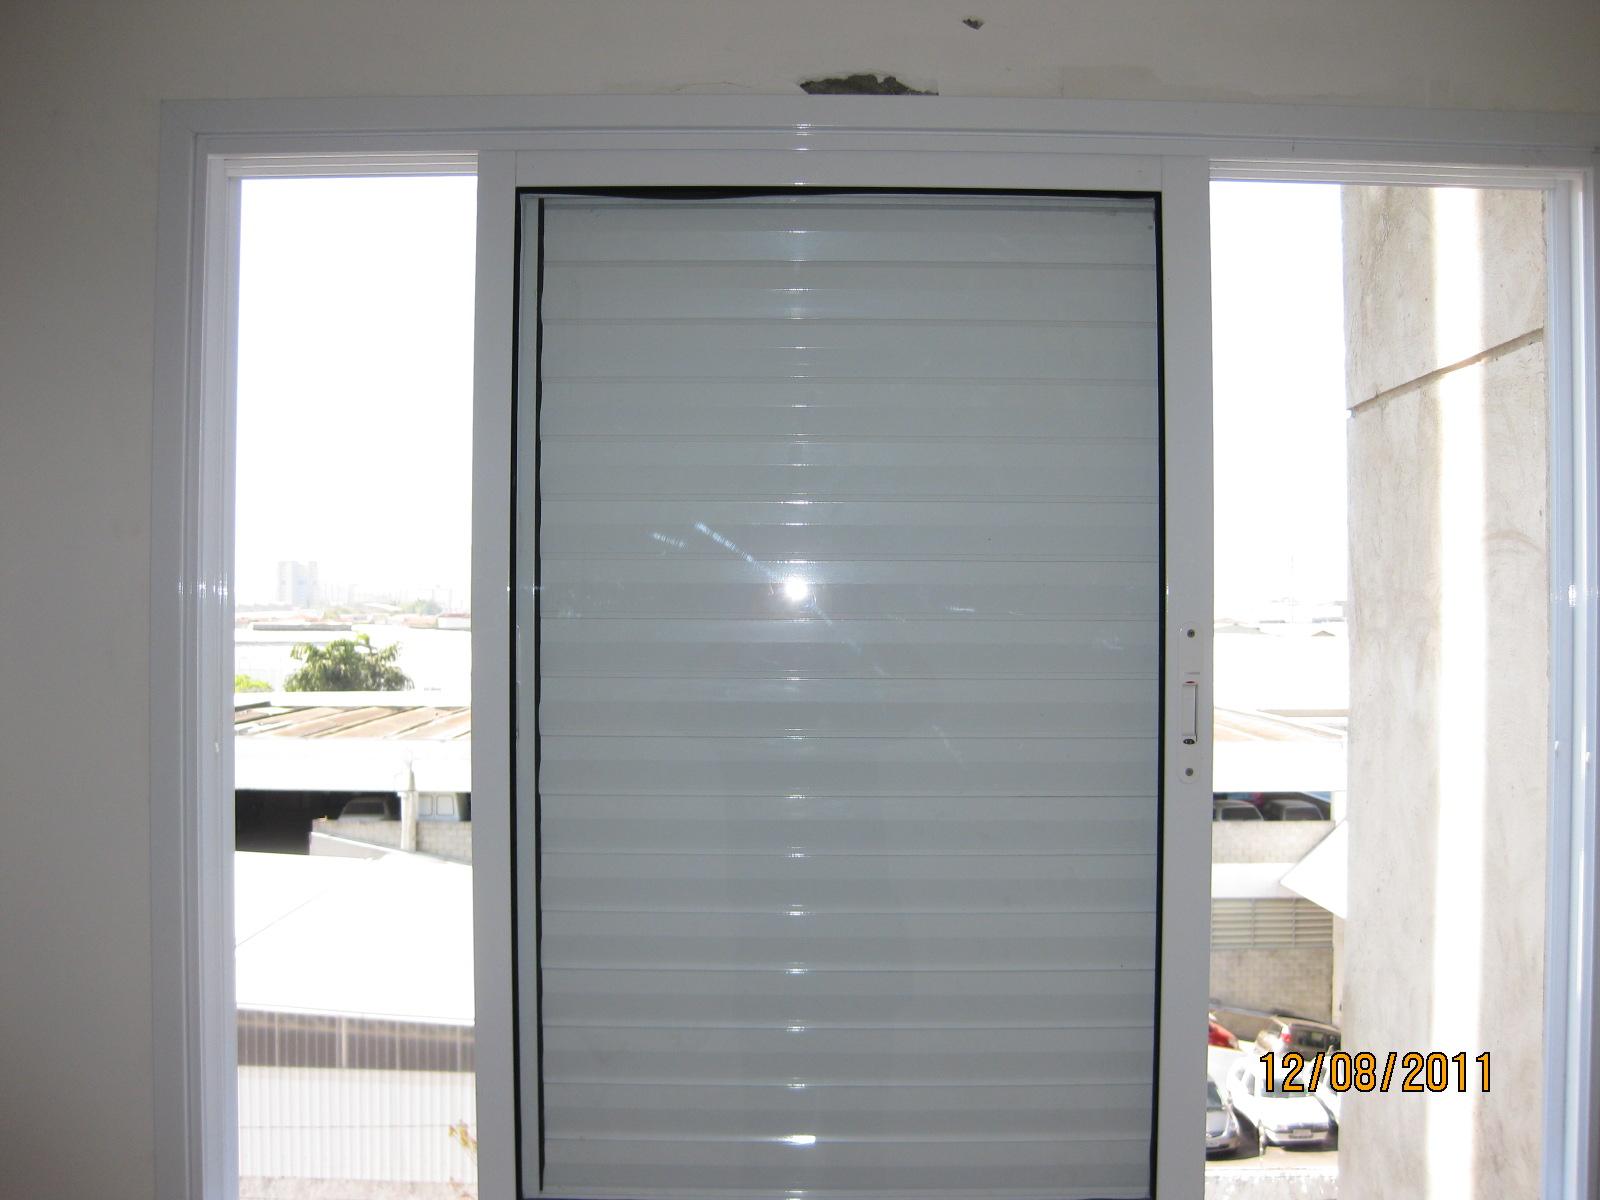 #716041 As janelas com veneziana horizontal instaladas são de boa qualidade  4218 Isolamento Acustico Para Janelas De Vidro